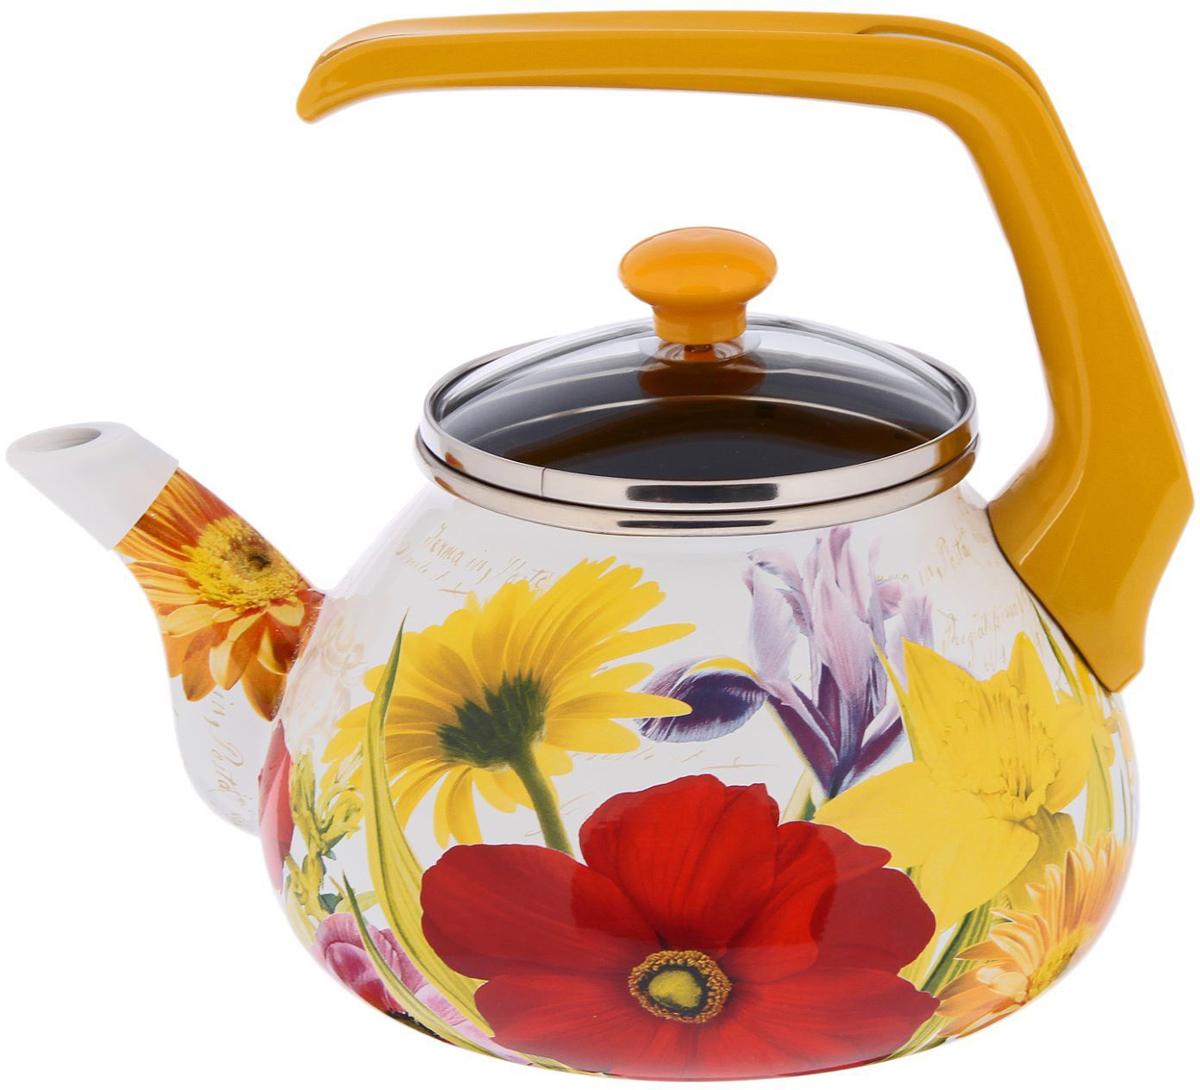 """Чайник Interos """"Настроение"""" имеет необычный и яркий дизайн, который привлекает к себе внимание. Корпус чайника изготовлен из высококачественной нержавеющей стали, которая не деформируется. Стойкое эмалированное покрытие с рисунком выдерживает нагрев до 300 градусов. Ручка удобной эргономичной формы выполнена из бакелита, не нагревается при использовании."""